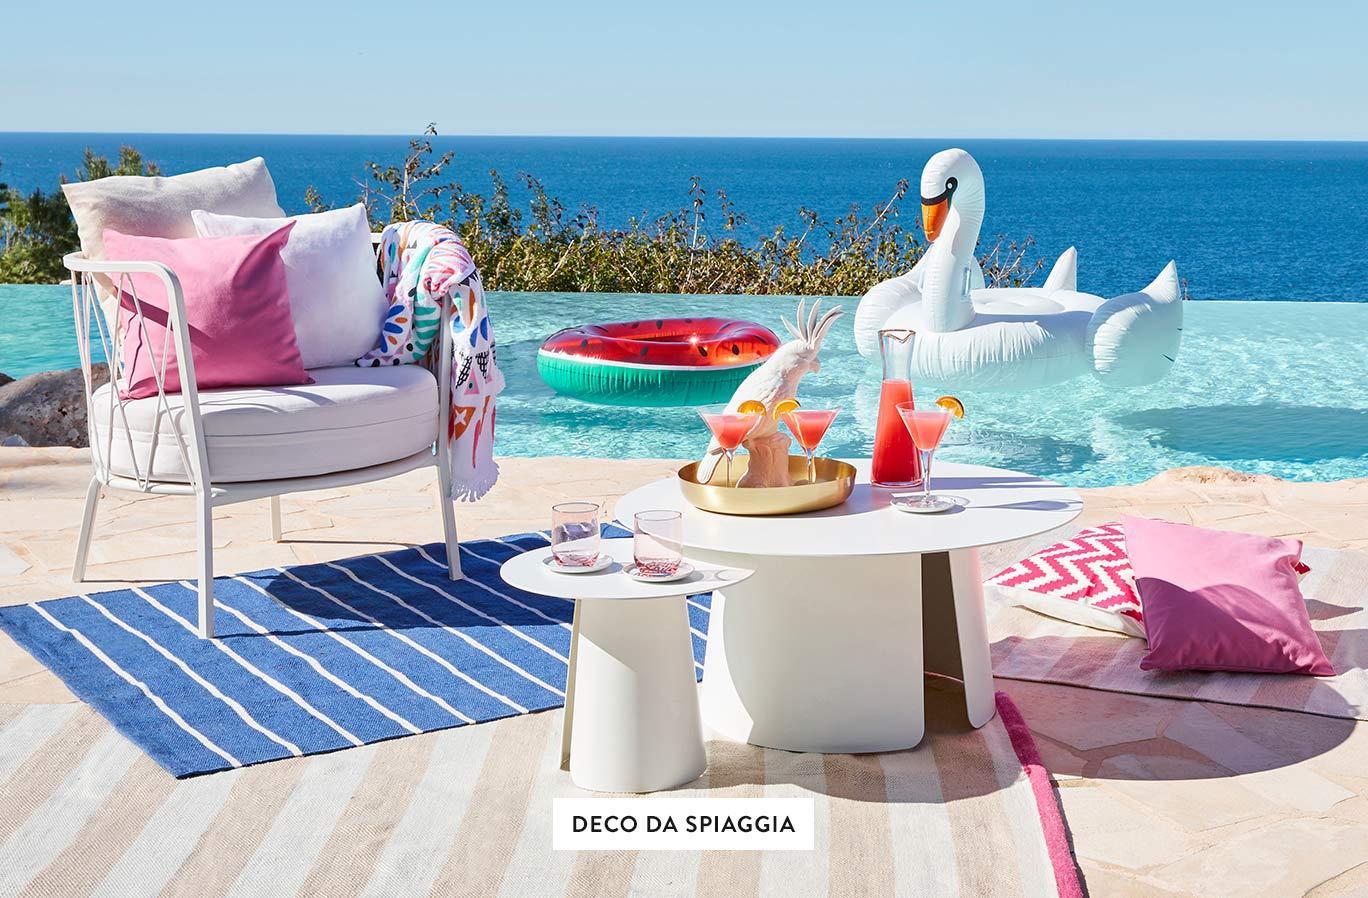 Esterni_Deco_Spiaggia